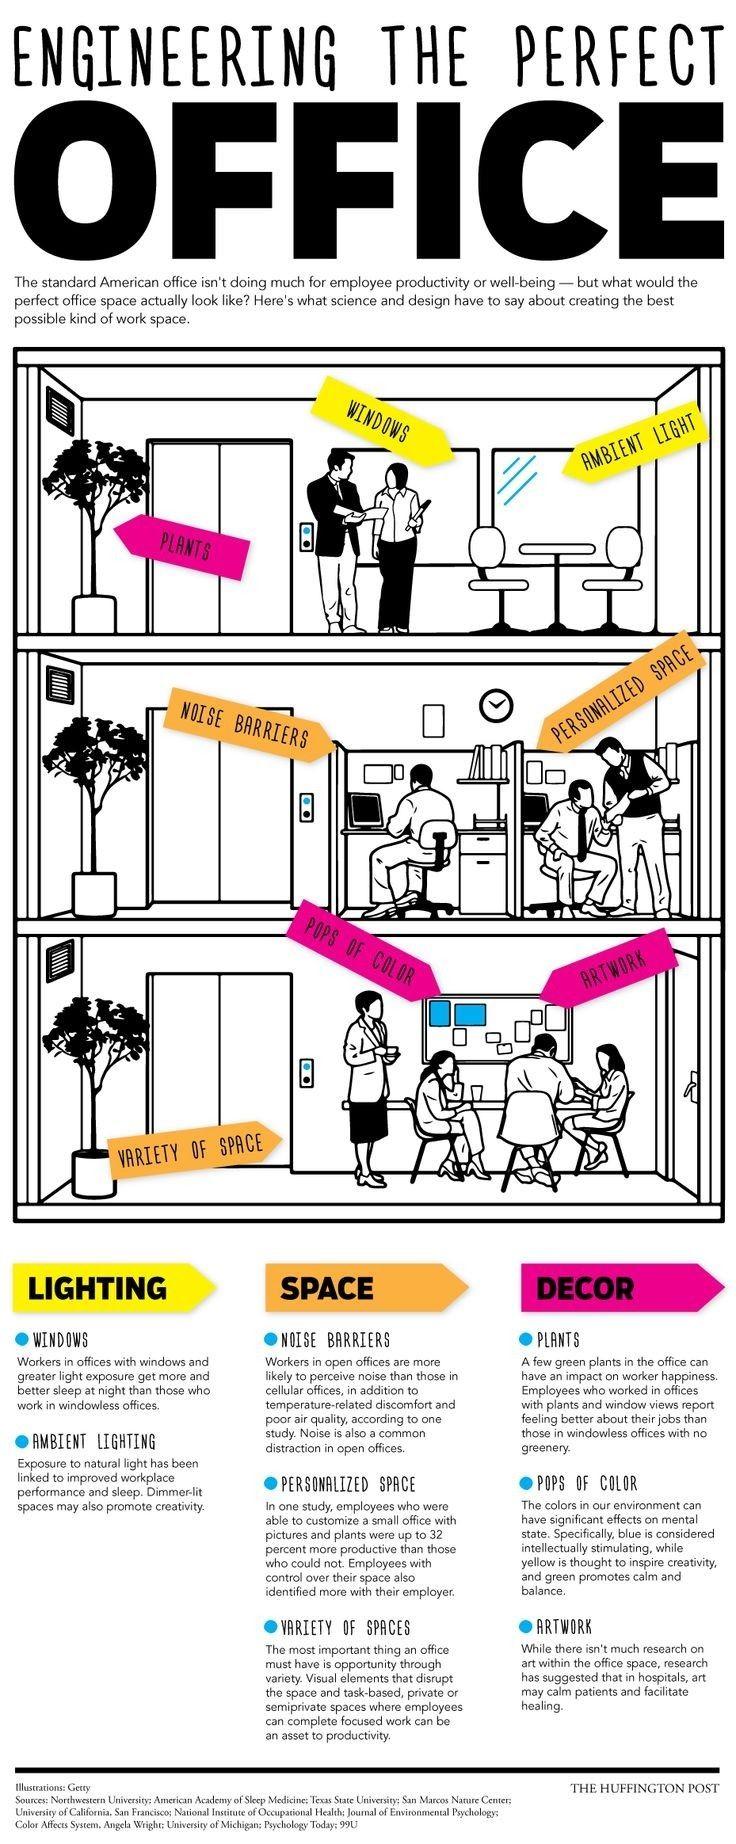 De standaard kantoorruimtes doen niet veel goeds voor de productiviteit van medewerkers. Hoe moet de perfecte kantoorruimte er dan uit zien? Bekijk wat de wetenschap en ontwerp hierover zeggen.